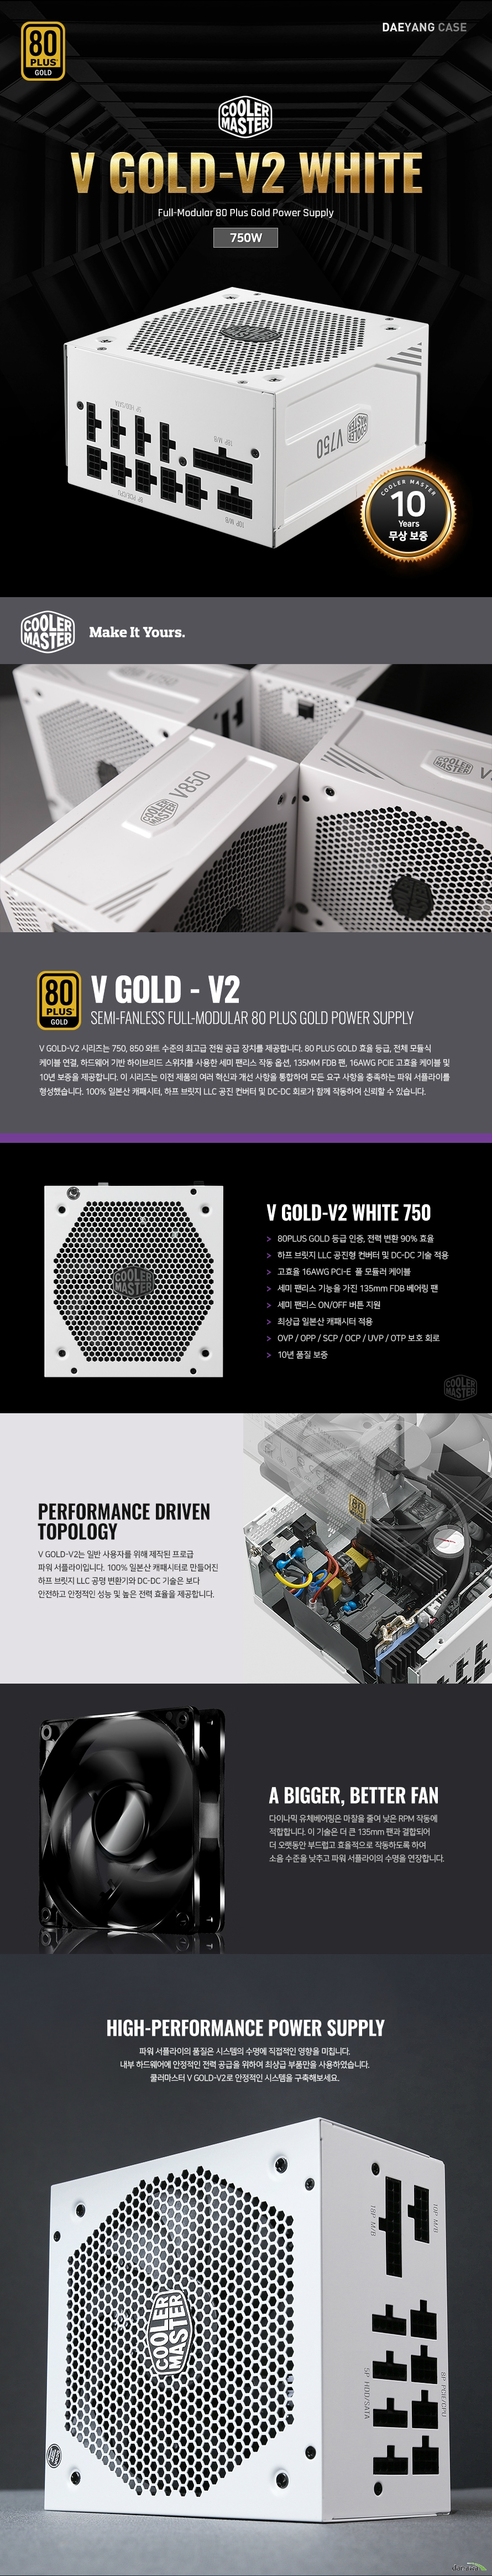 쿨러마스터 GOLD V750 V2 WHITE FULL MODULAR